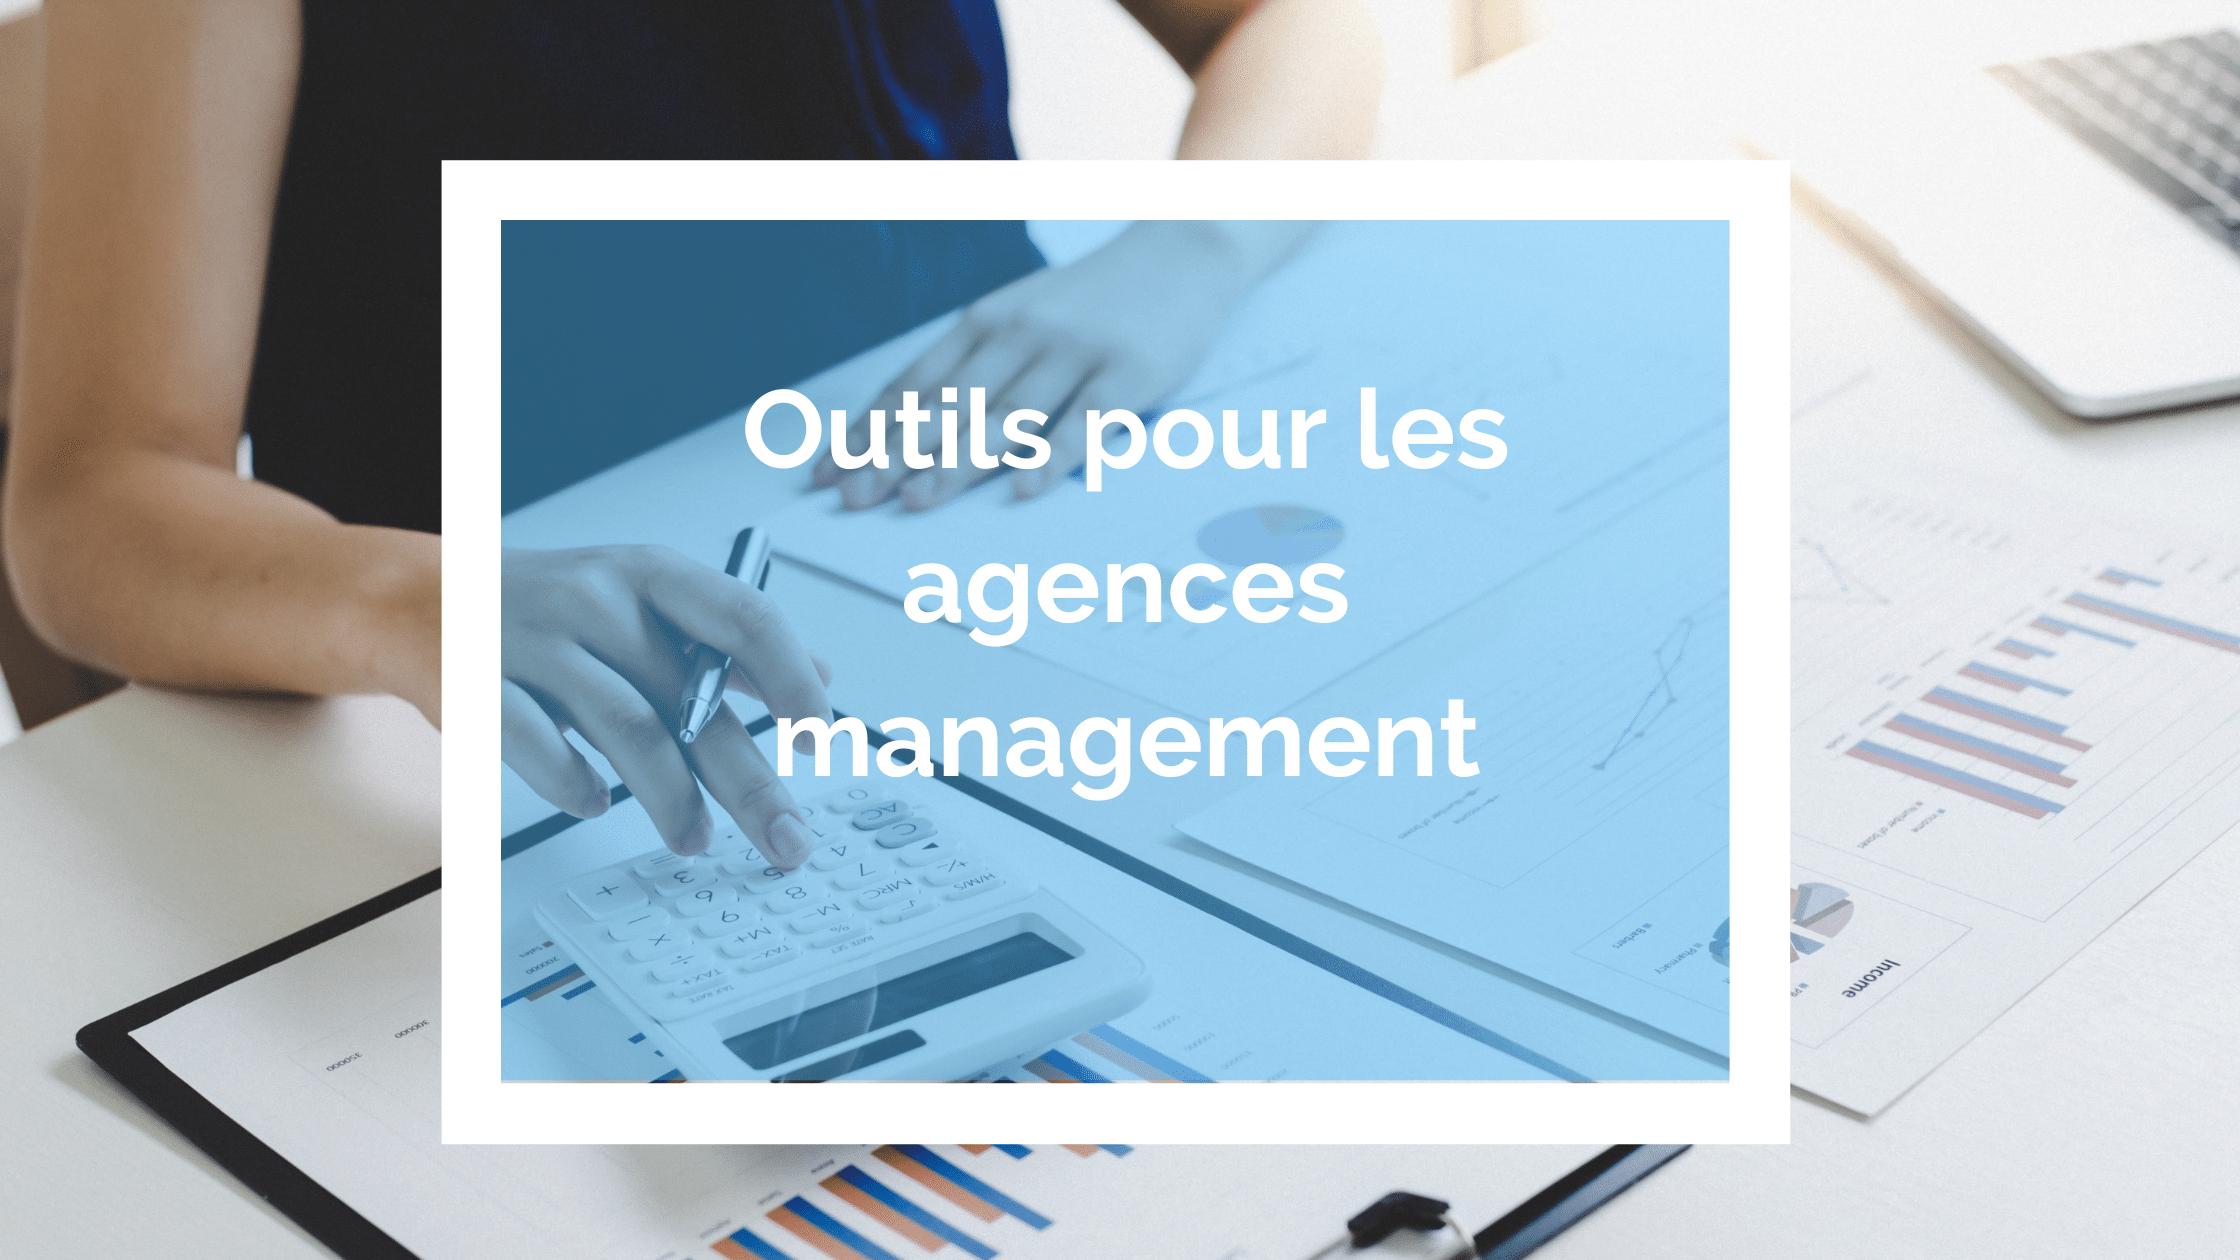 outils pour les agences management